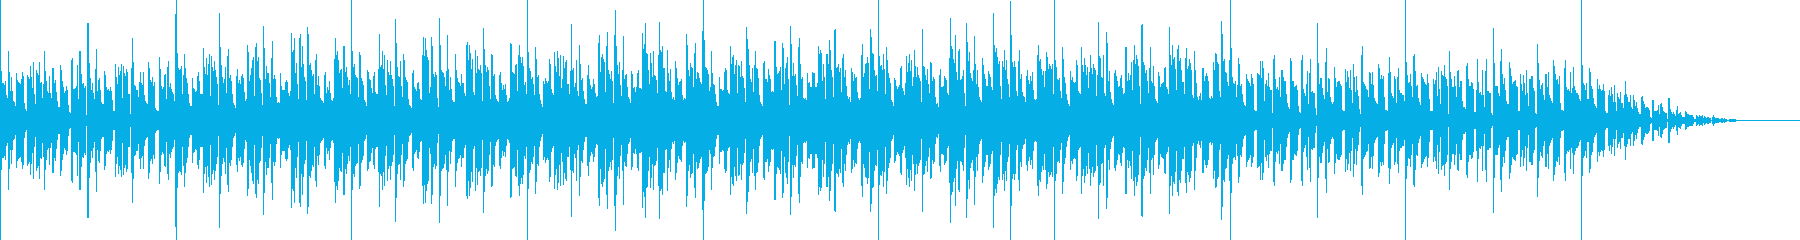 まったりポップの再生済みの波形